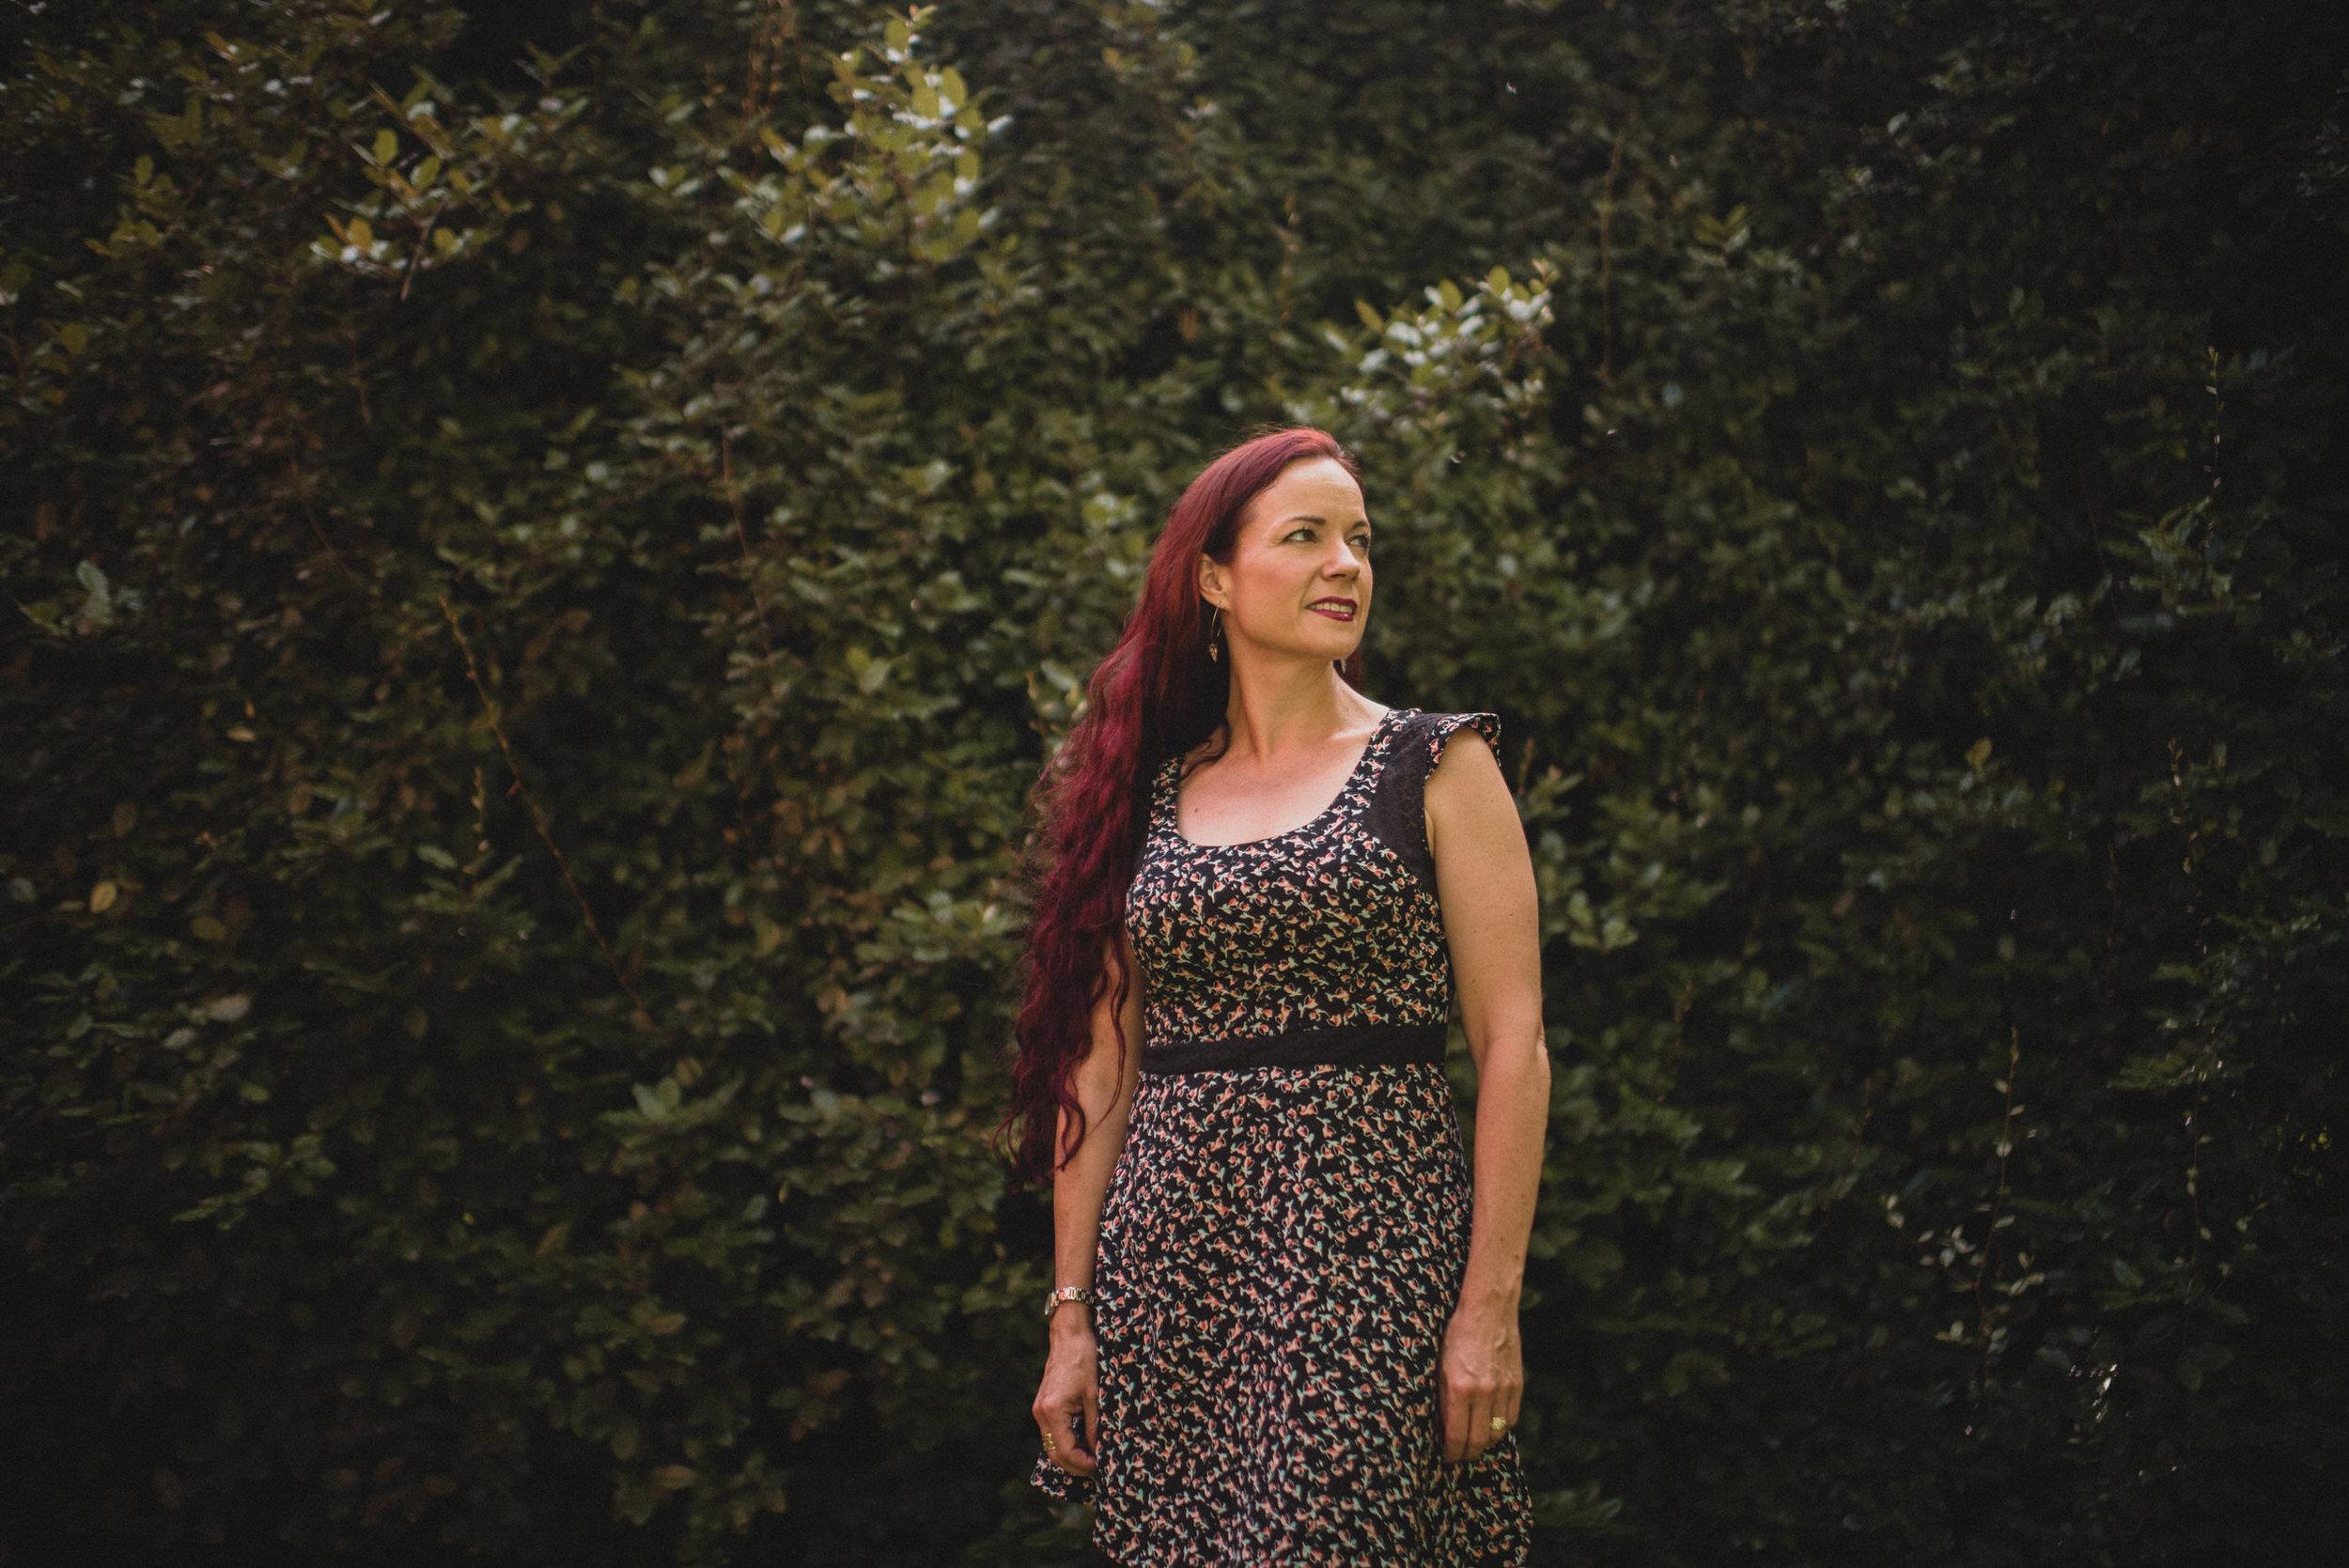 Beth_Ann_Fennelly_MS_Poet_ Laureate_09.jpg